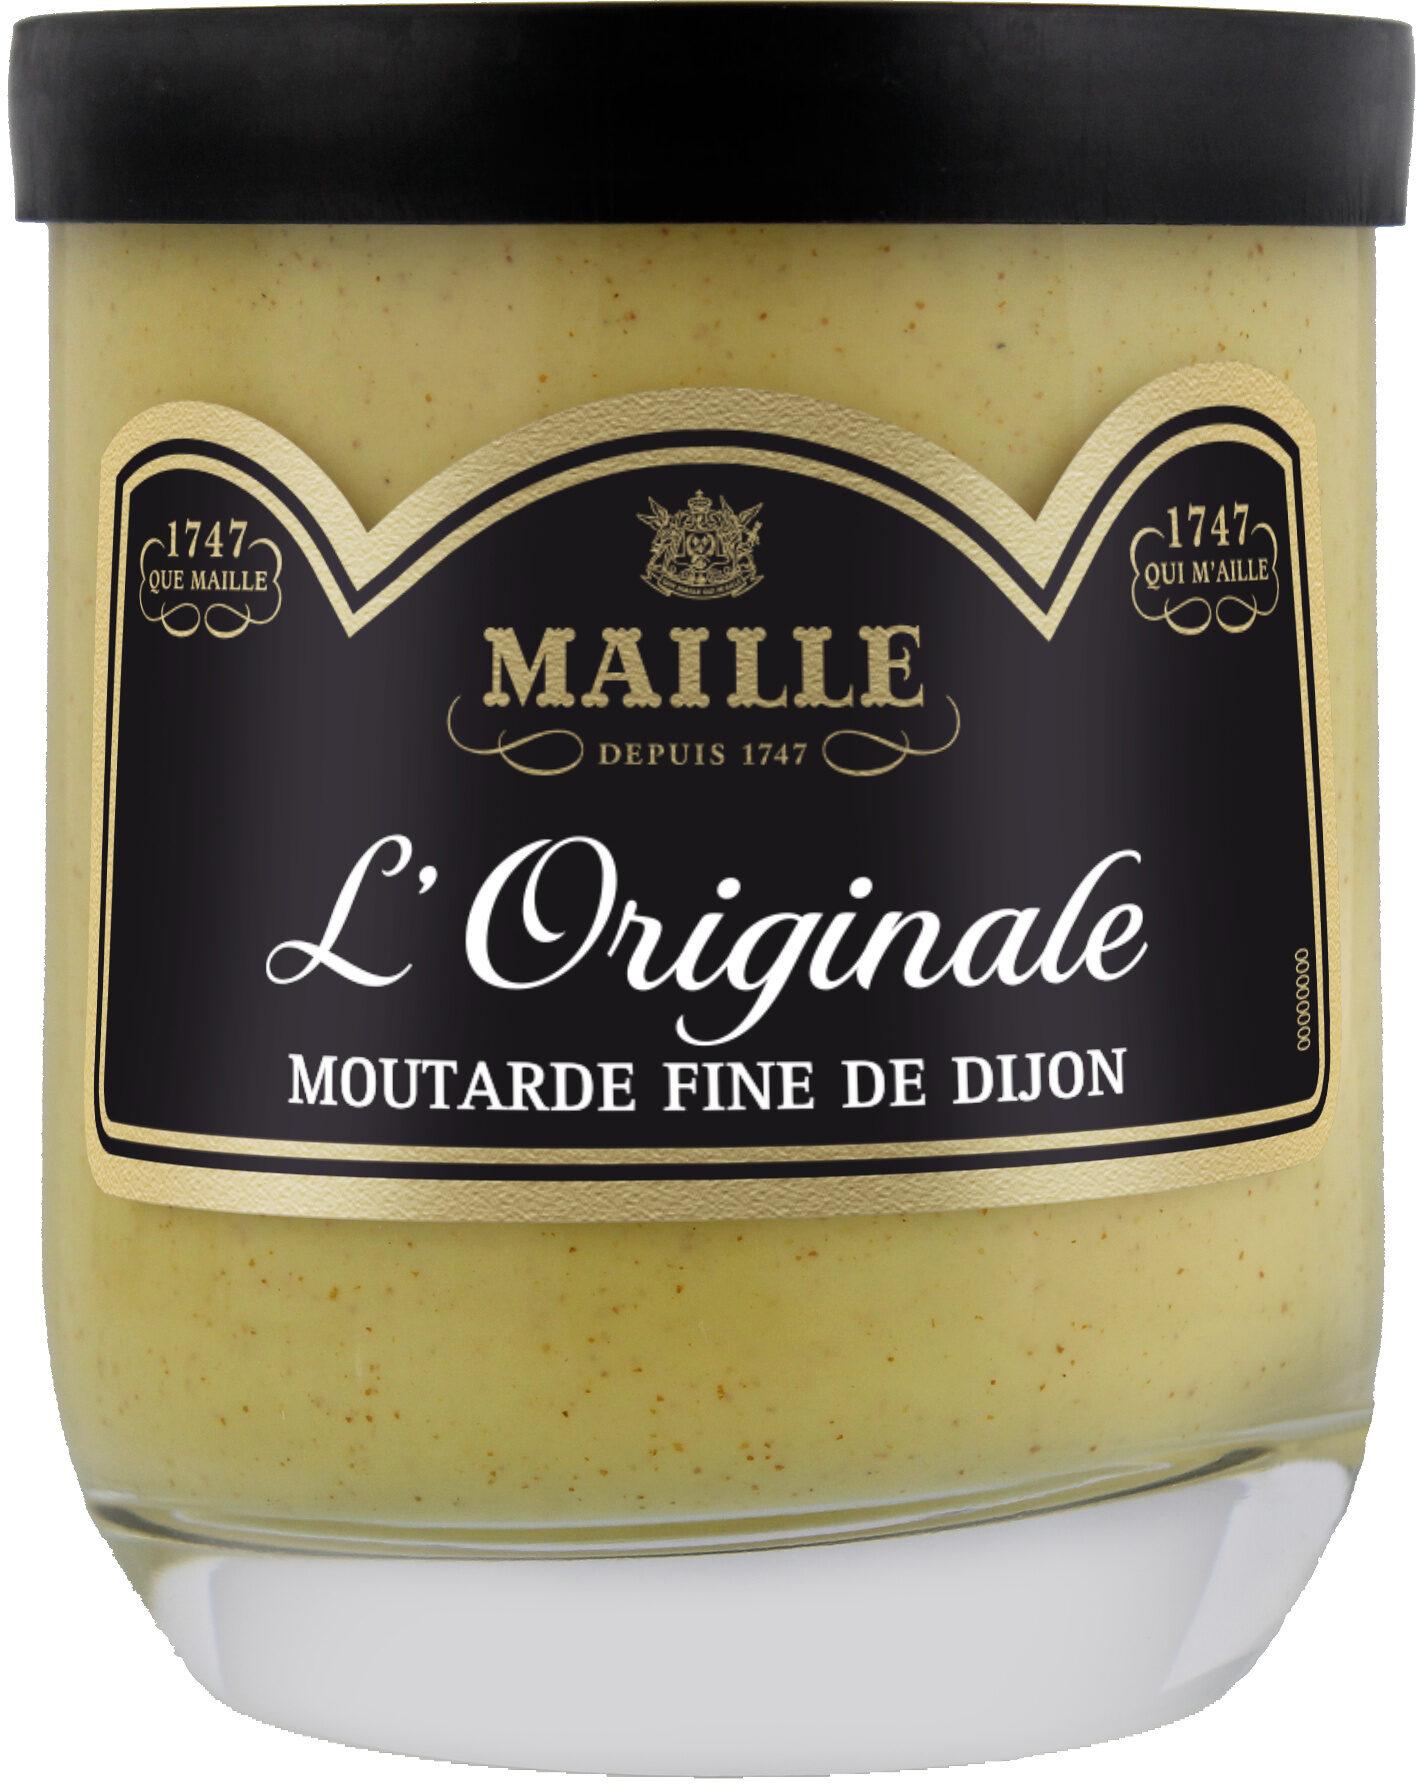 Maille Moutarde Fine De Dijon L'Originale Verrine 165g - Produit - fr